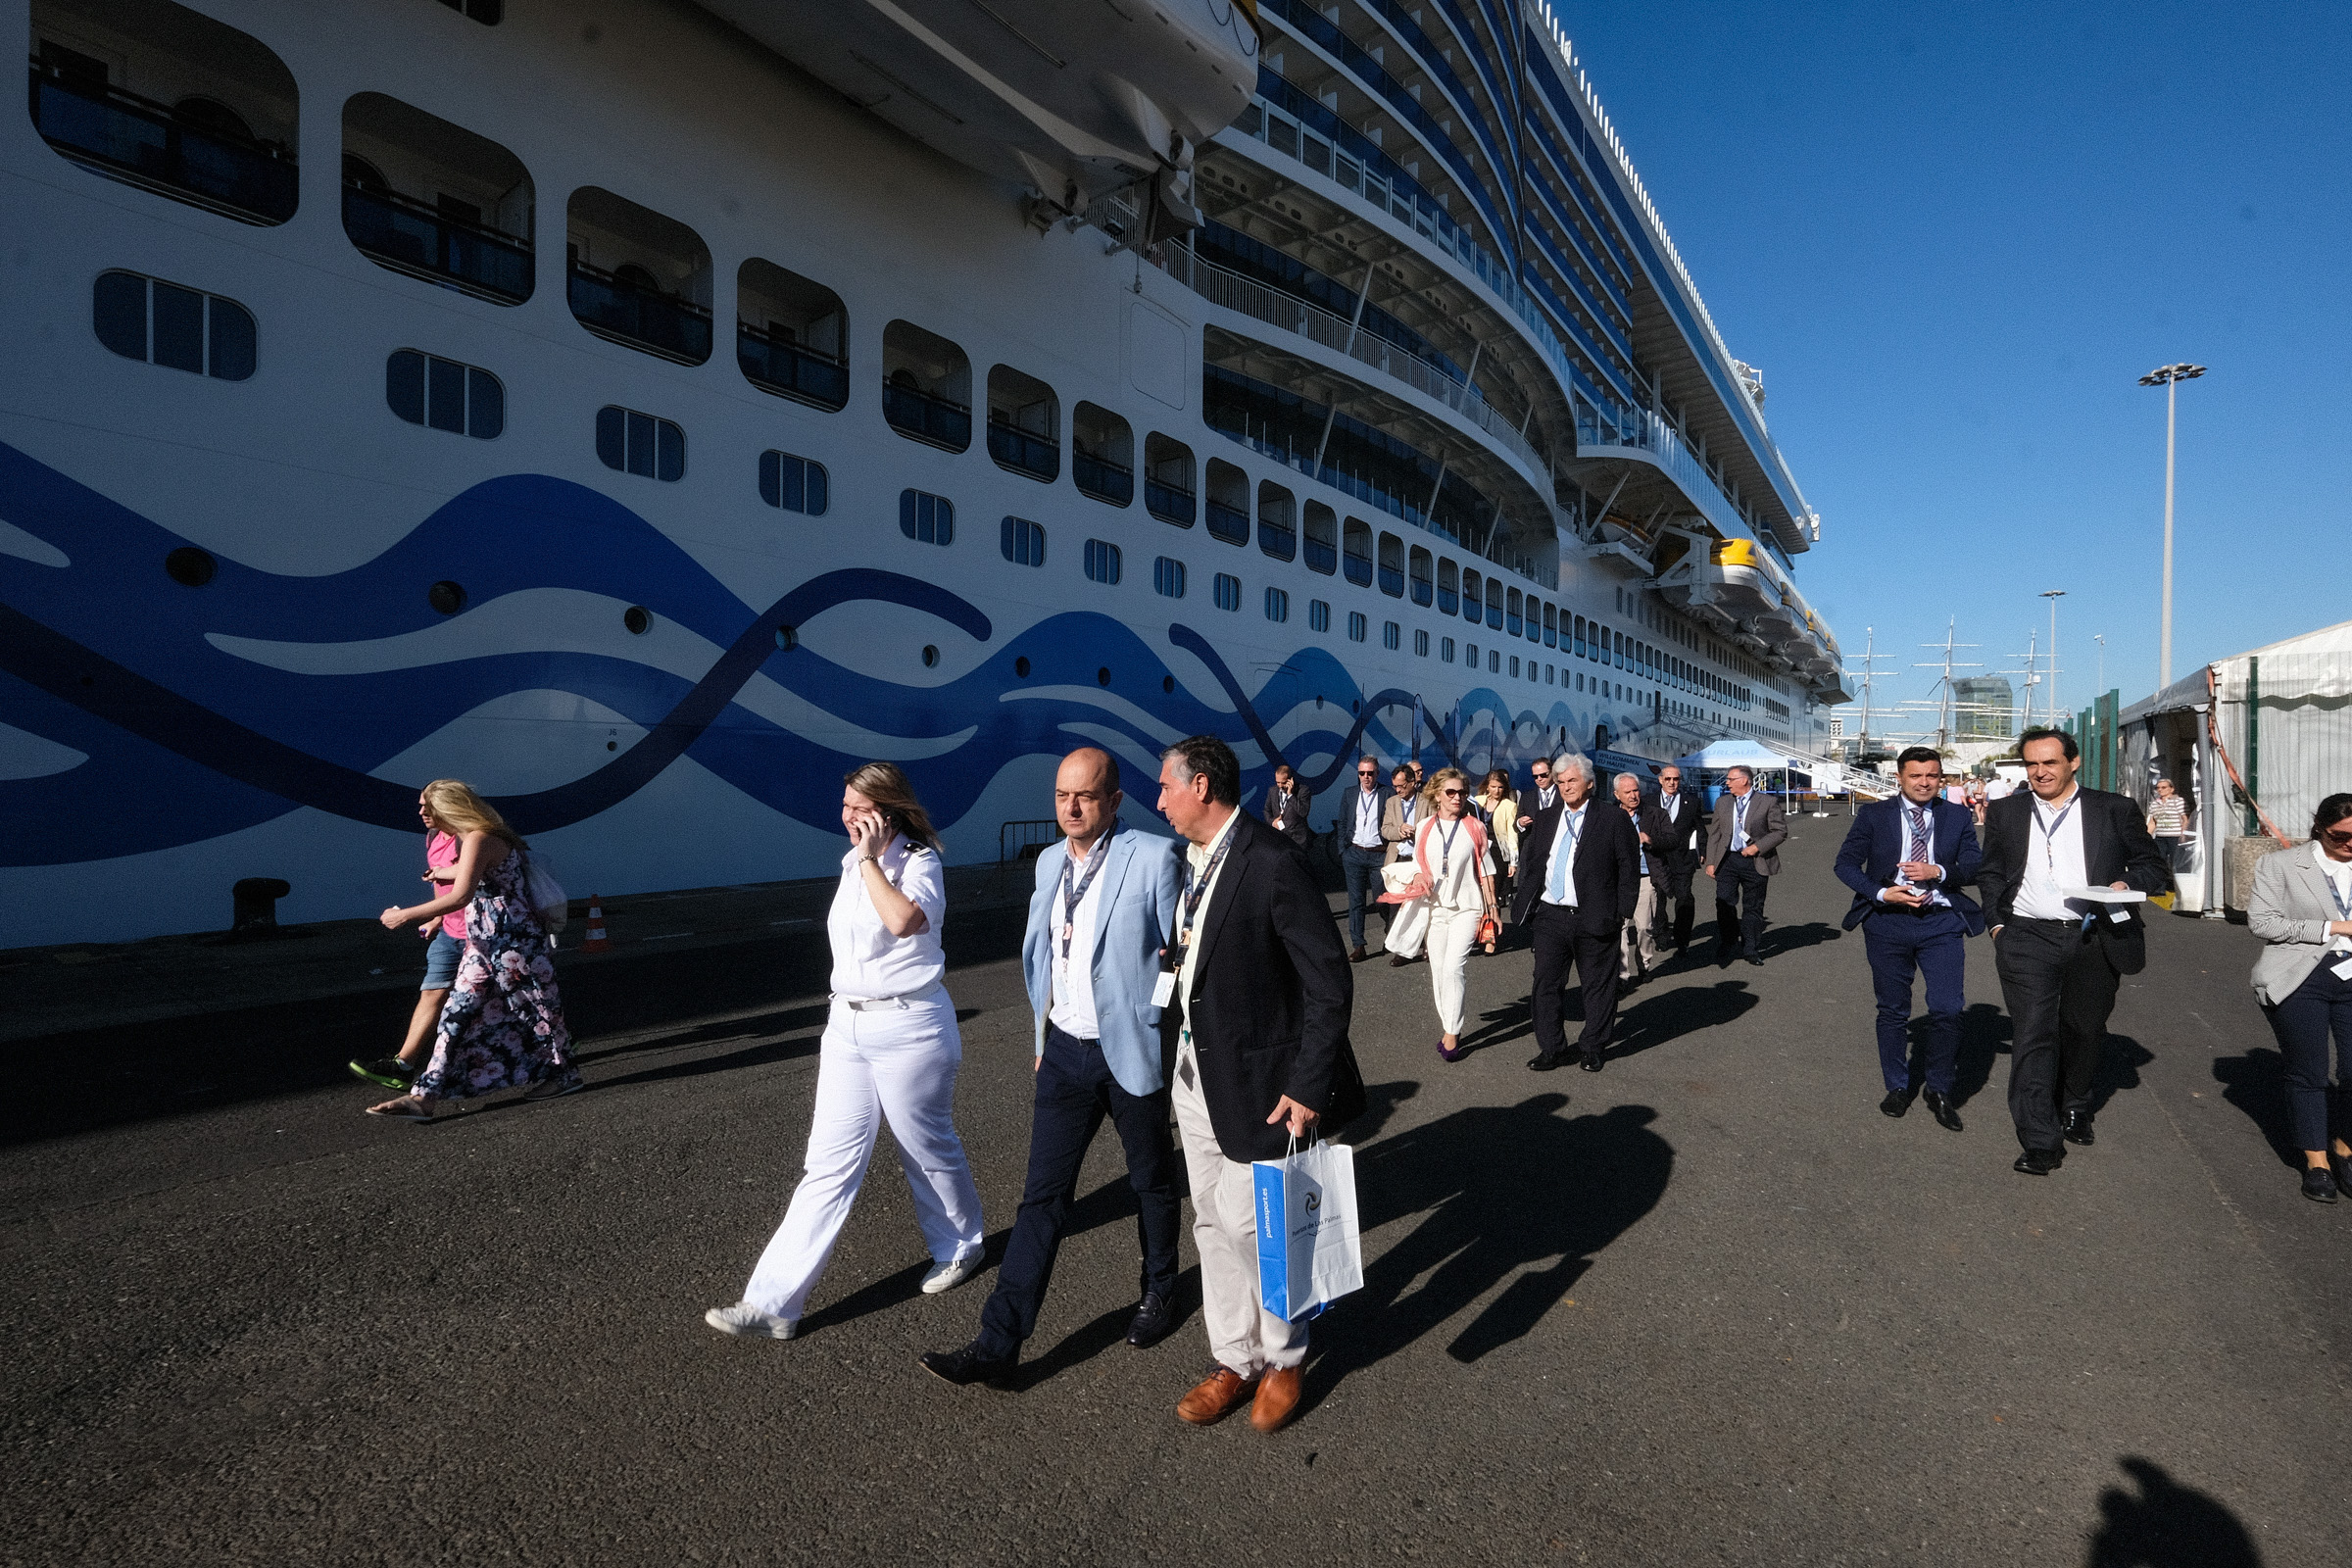 El Puerto de la Luz recibe a 19.900 cruceristas en uno de los fines de semana más fuertes de la temporada